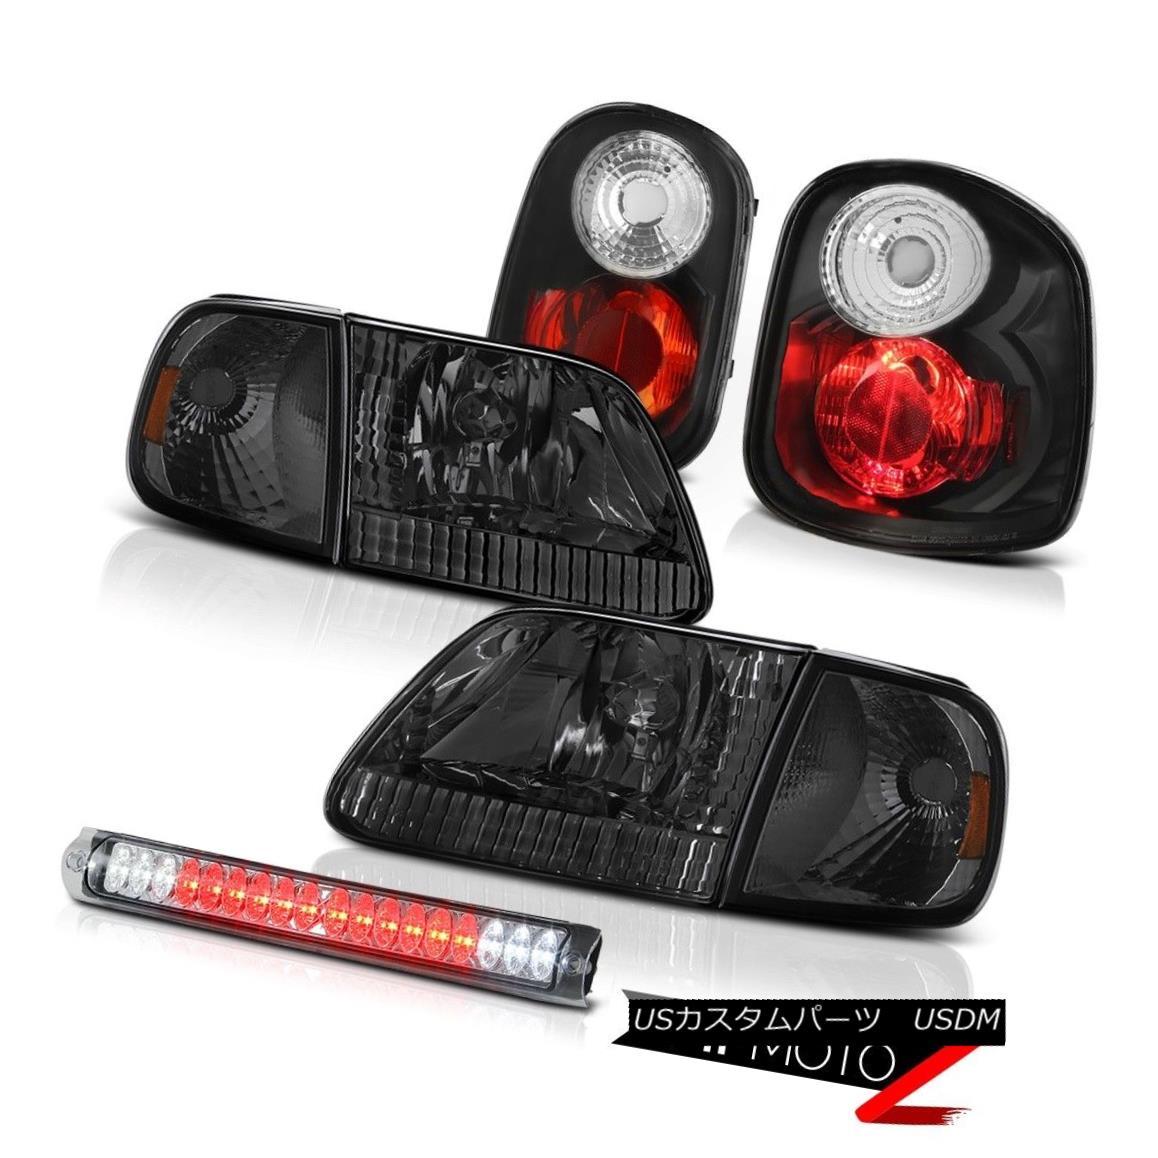 テールライト Smoke Headlights Rear Taillamps High LED Chrome 01 02 03 F150 Flareside Hertiage スモークヘッドライトリアテールランプハイLEDクローム01 02 03 F150フラレイドヘリテージ